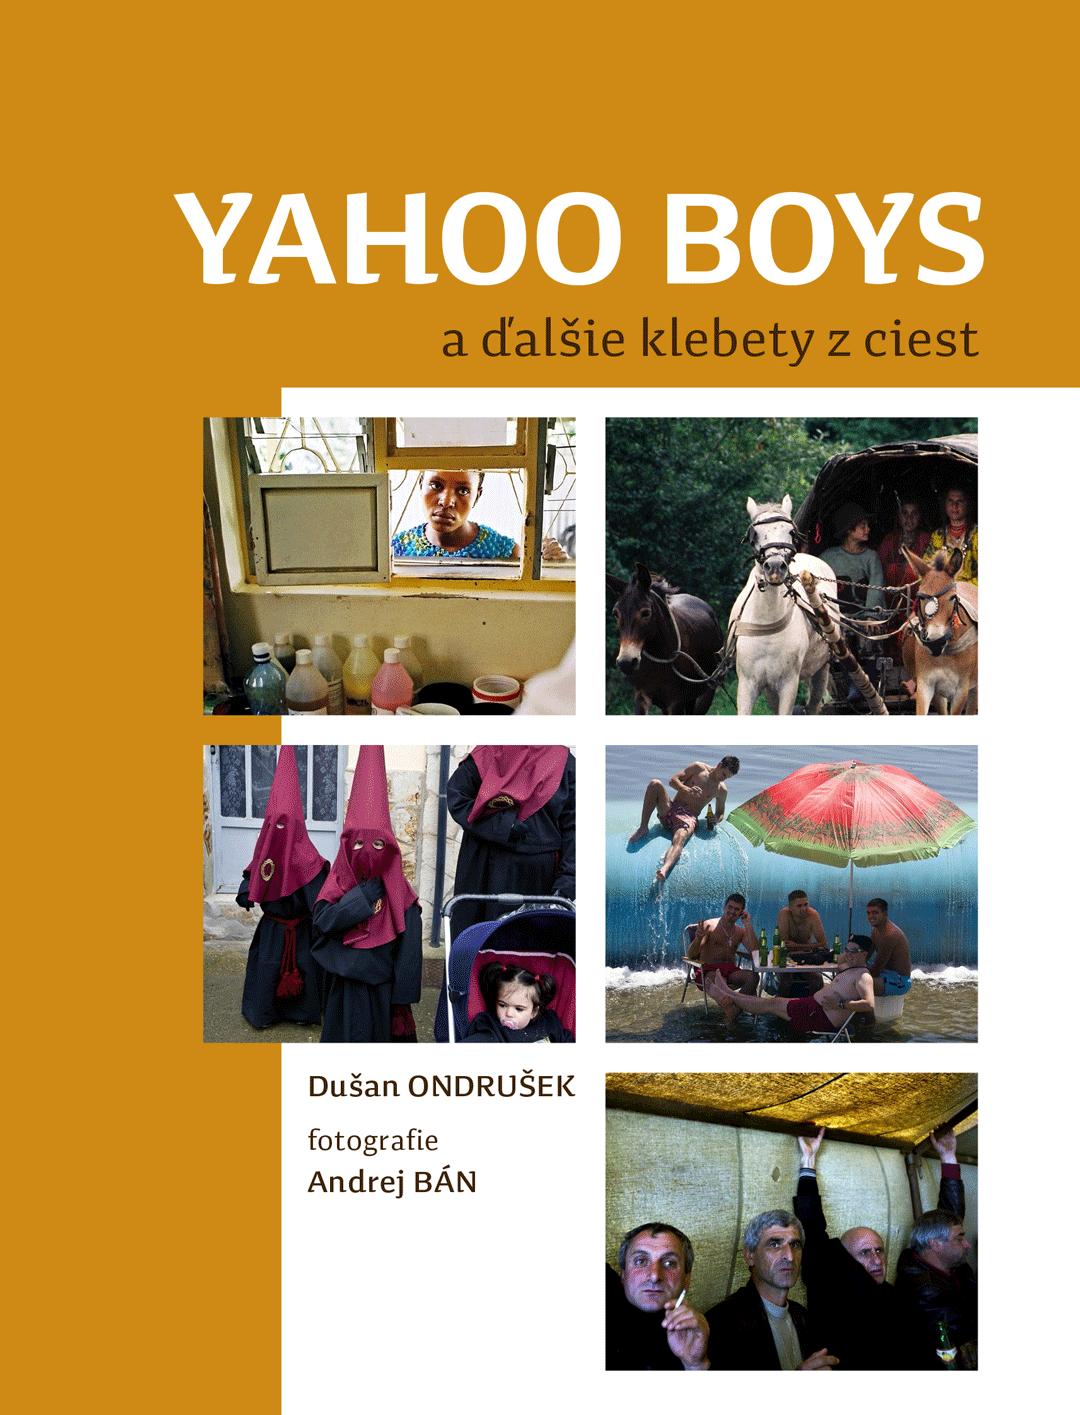 Yahoo boys a ďalšie klebety z ciest